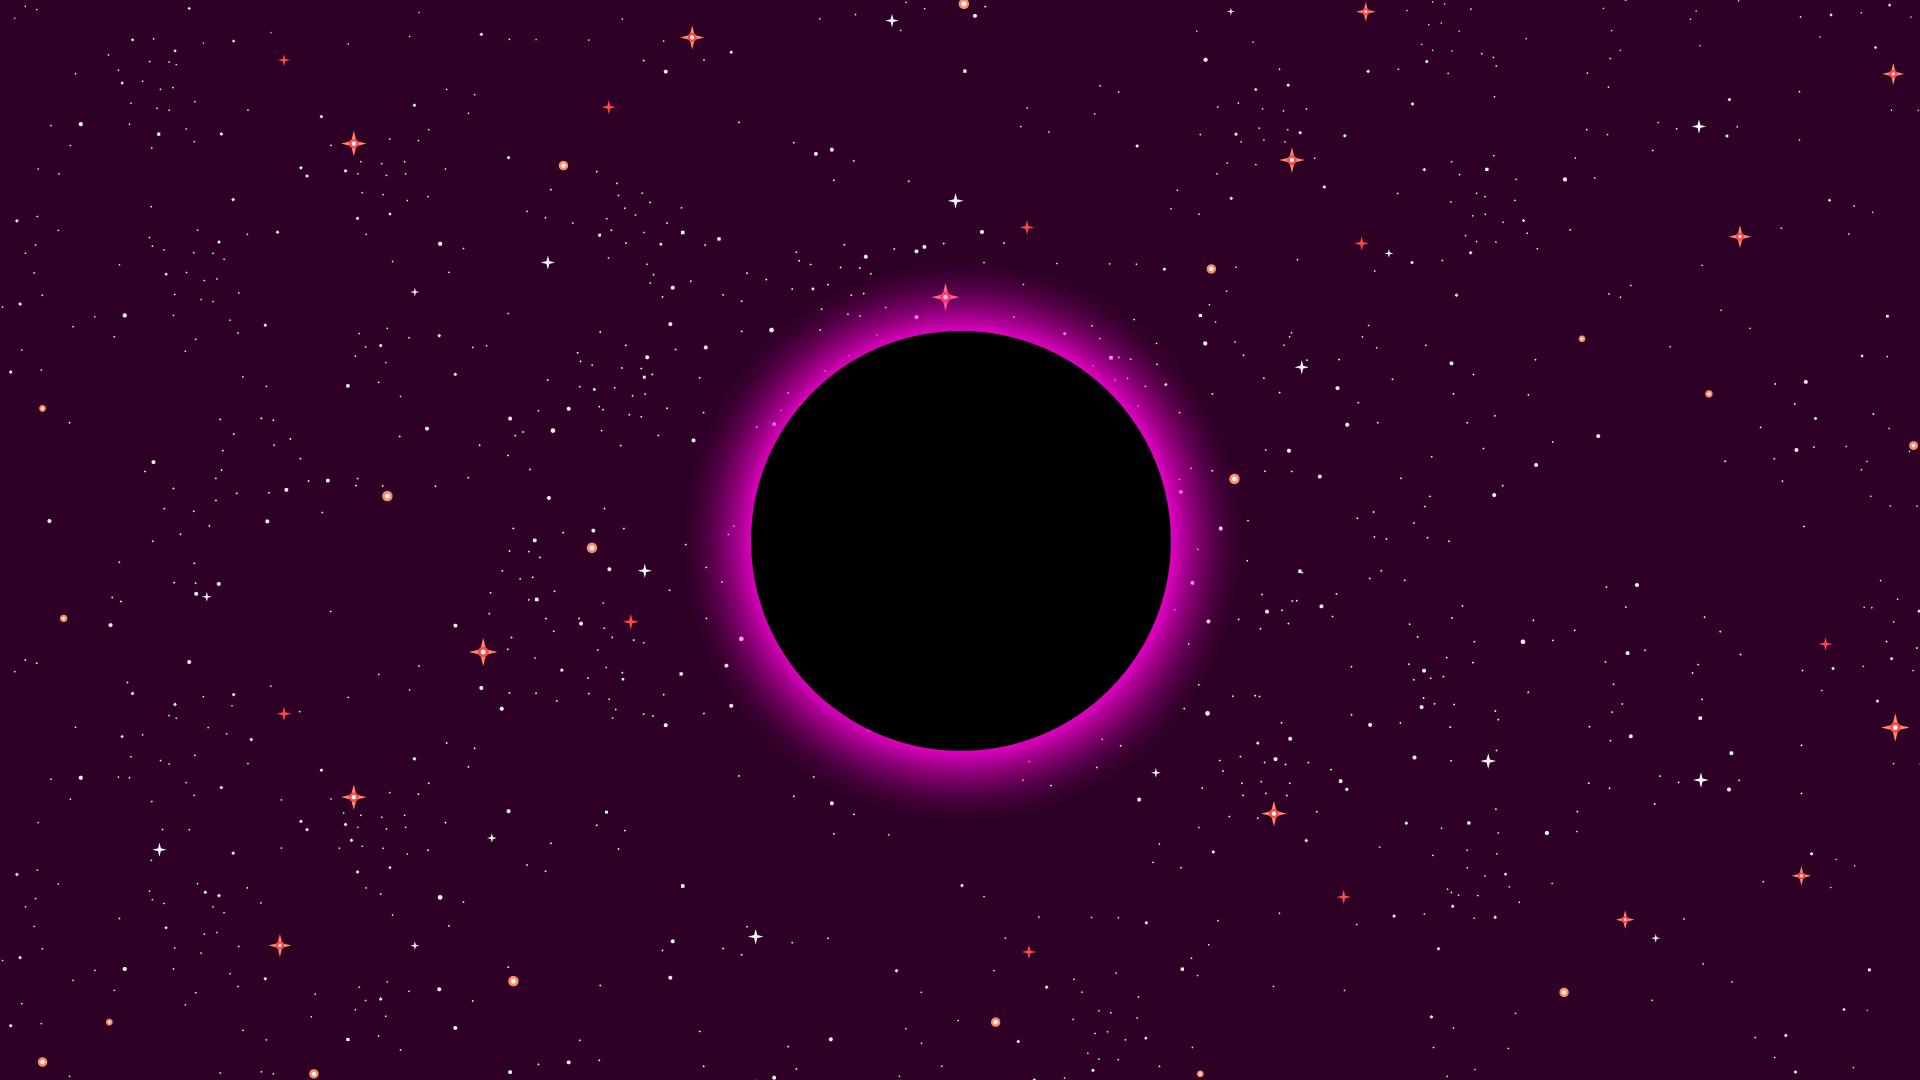 080_Website Project Black Holes_Kurzgesagt Header